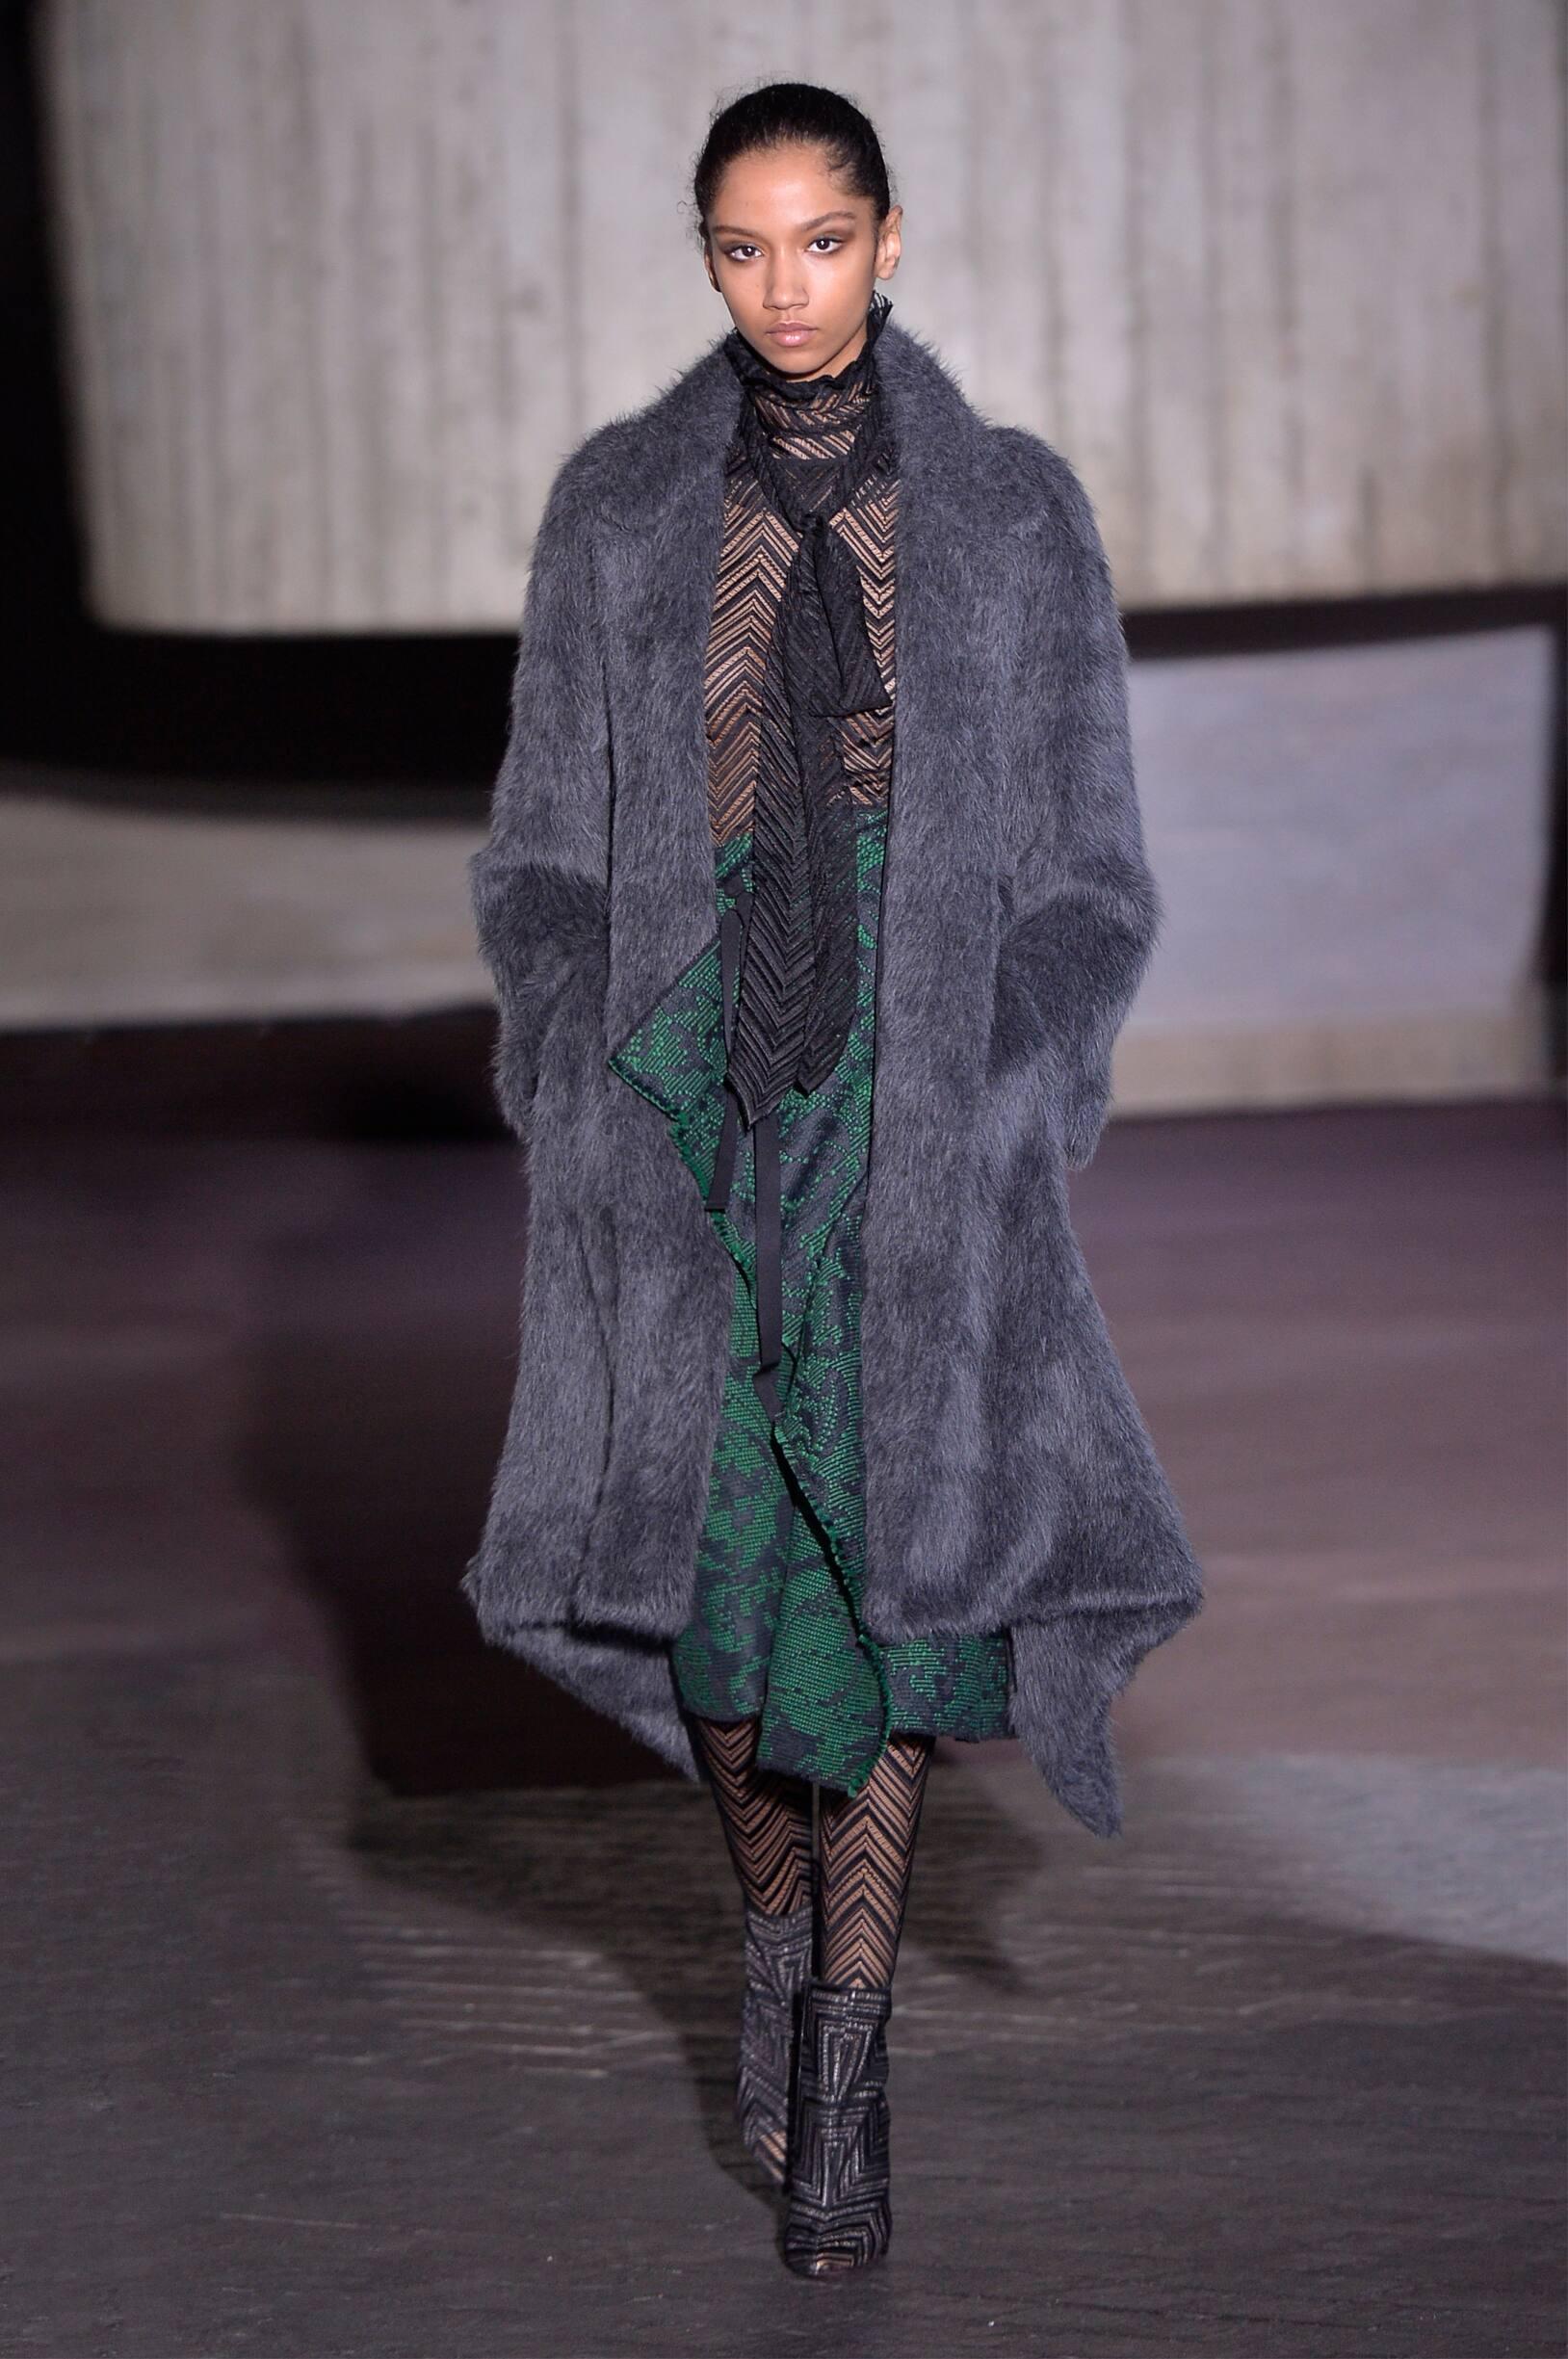 Roland Mouret Fashion Show FW 2018